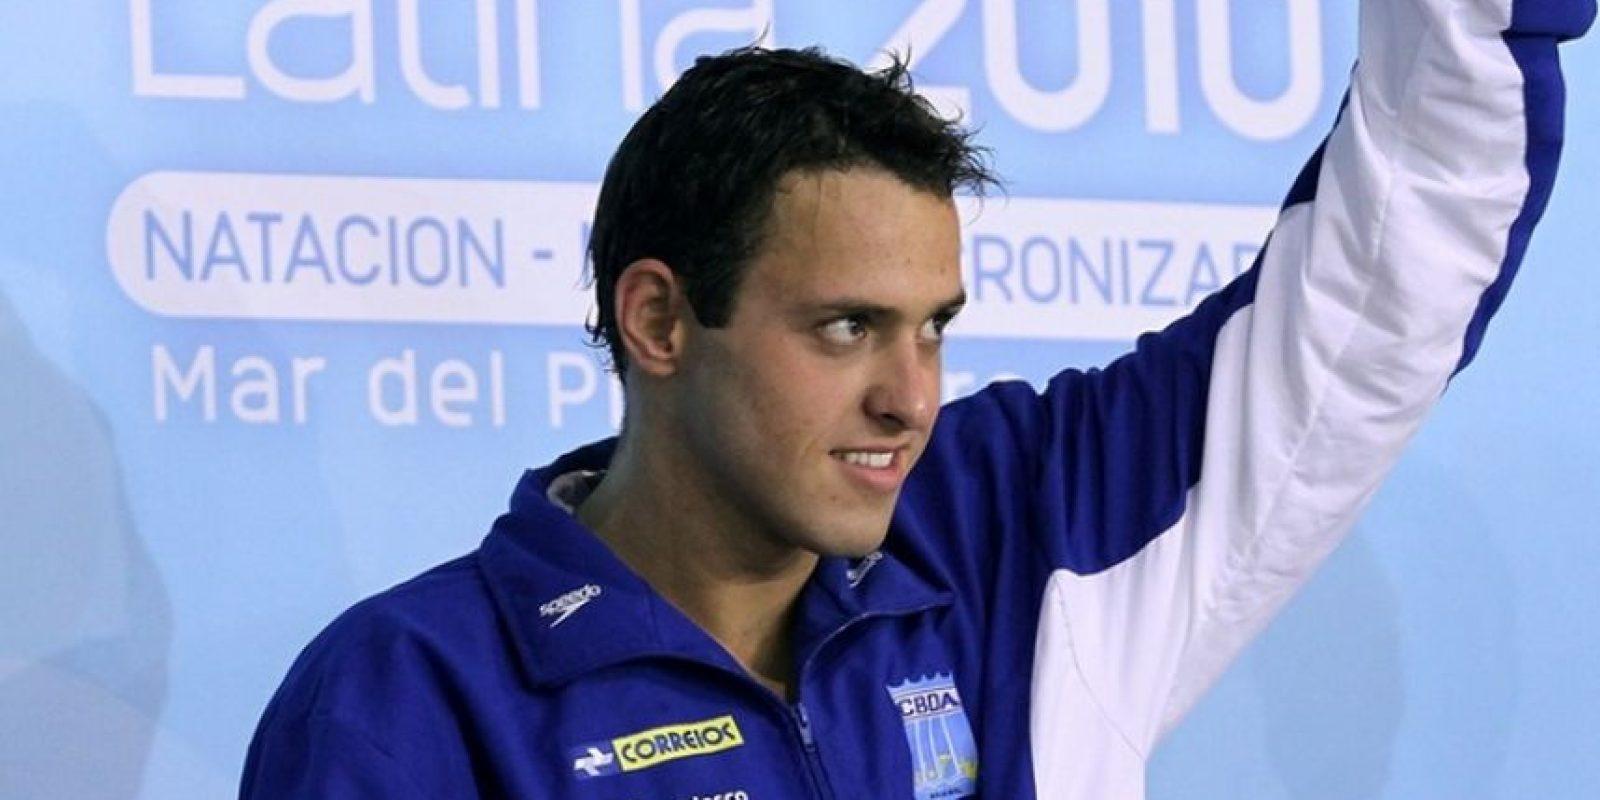 En 2011, ganó la medalla de plata en los Juegos Panamericanos de Guadalajara en la prueba de 4×200 metros. Foto:Vía facebook.com/cbdaoficial